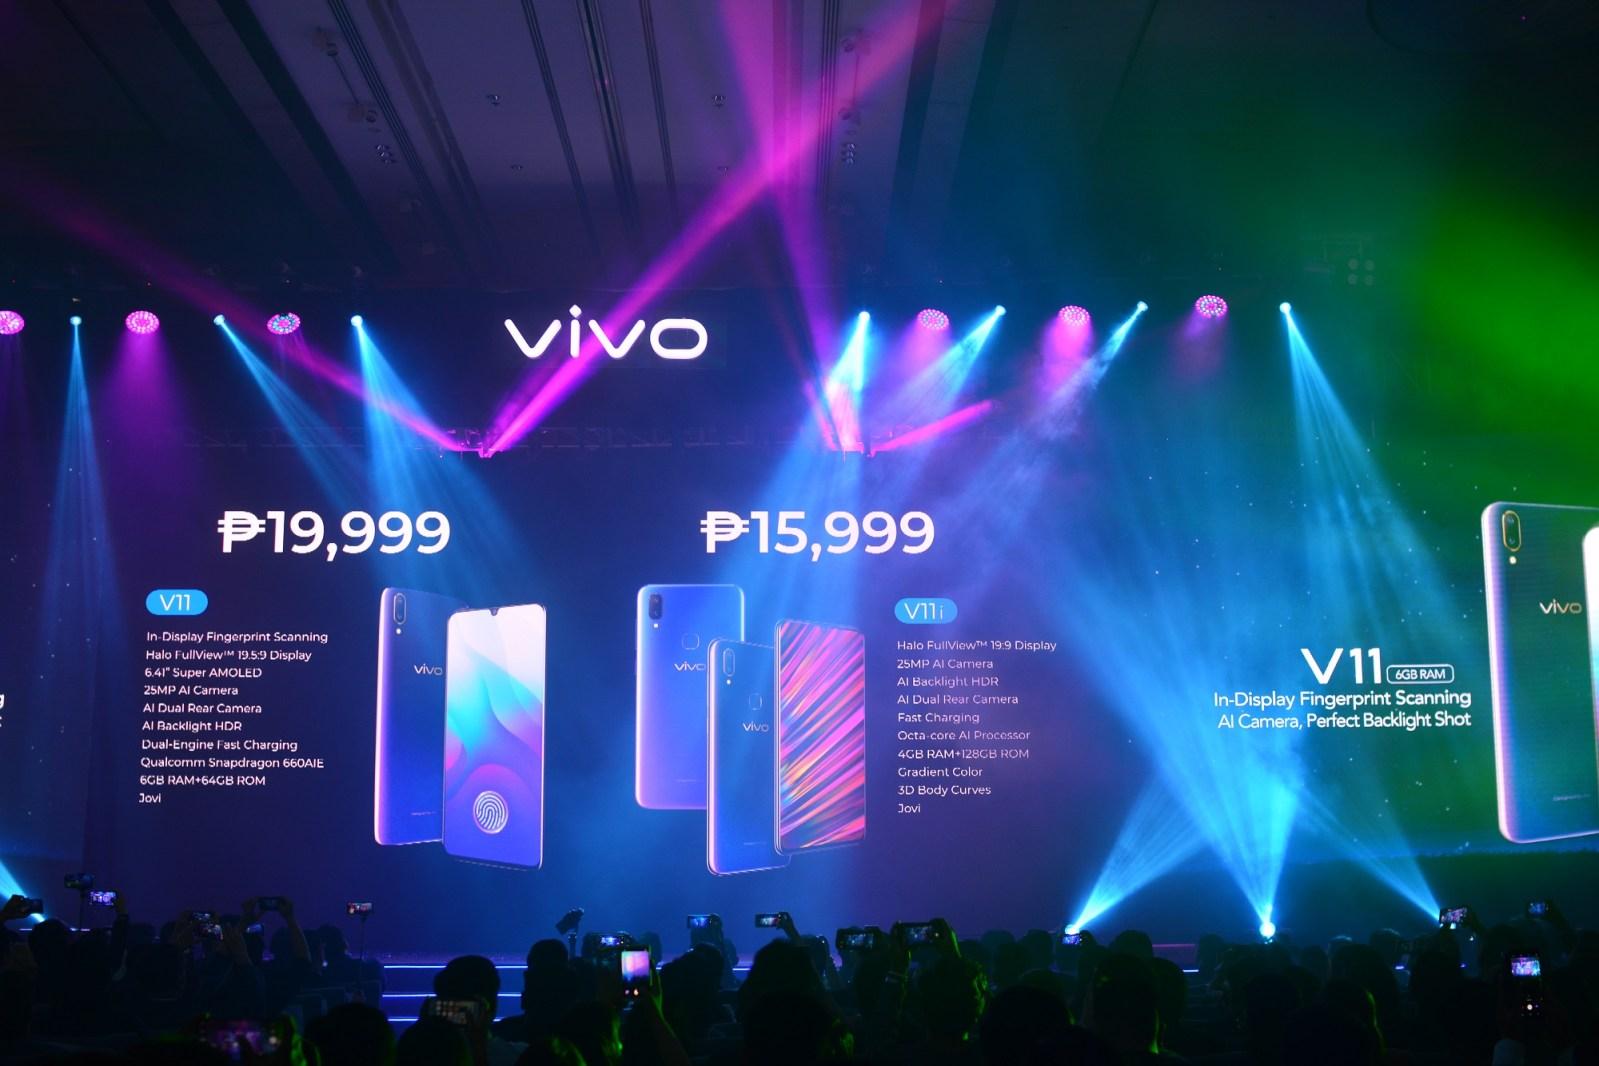 Vivo V11 Vivo V11i launch Philippines